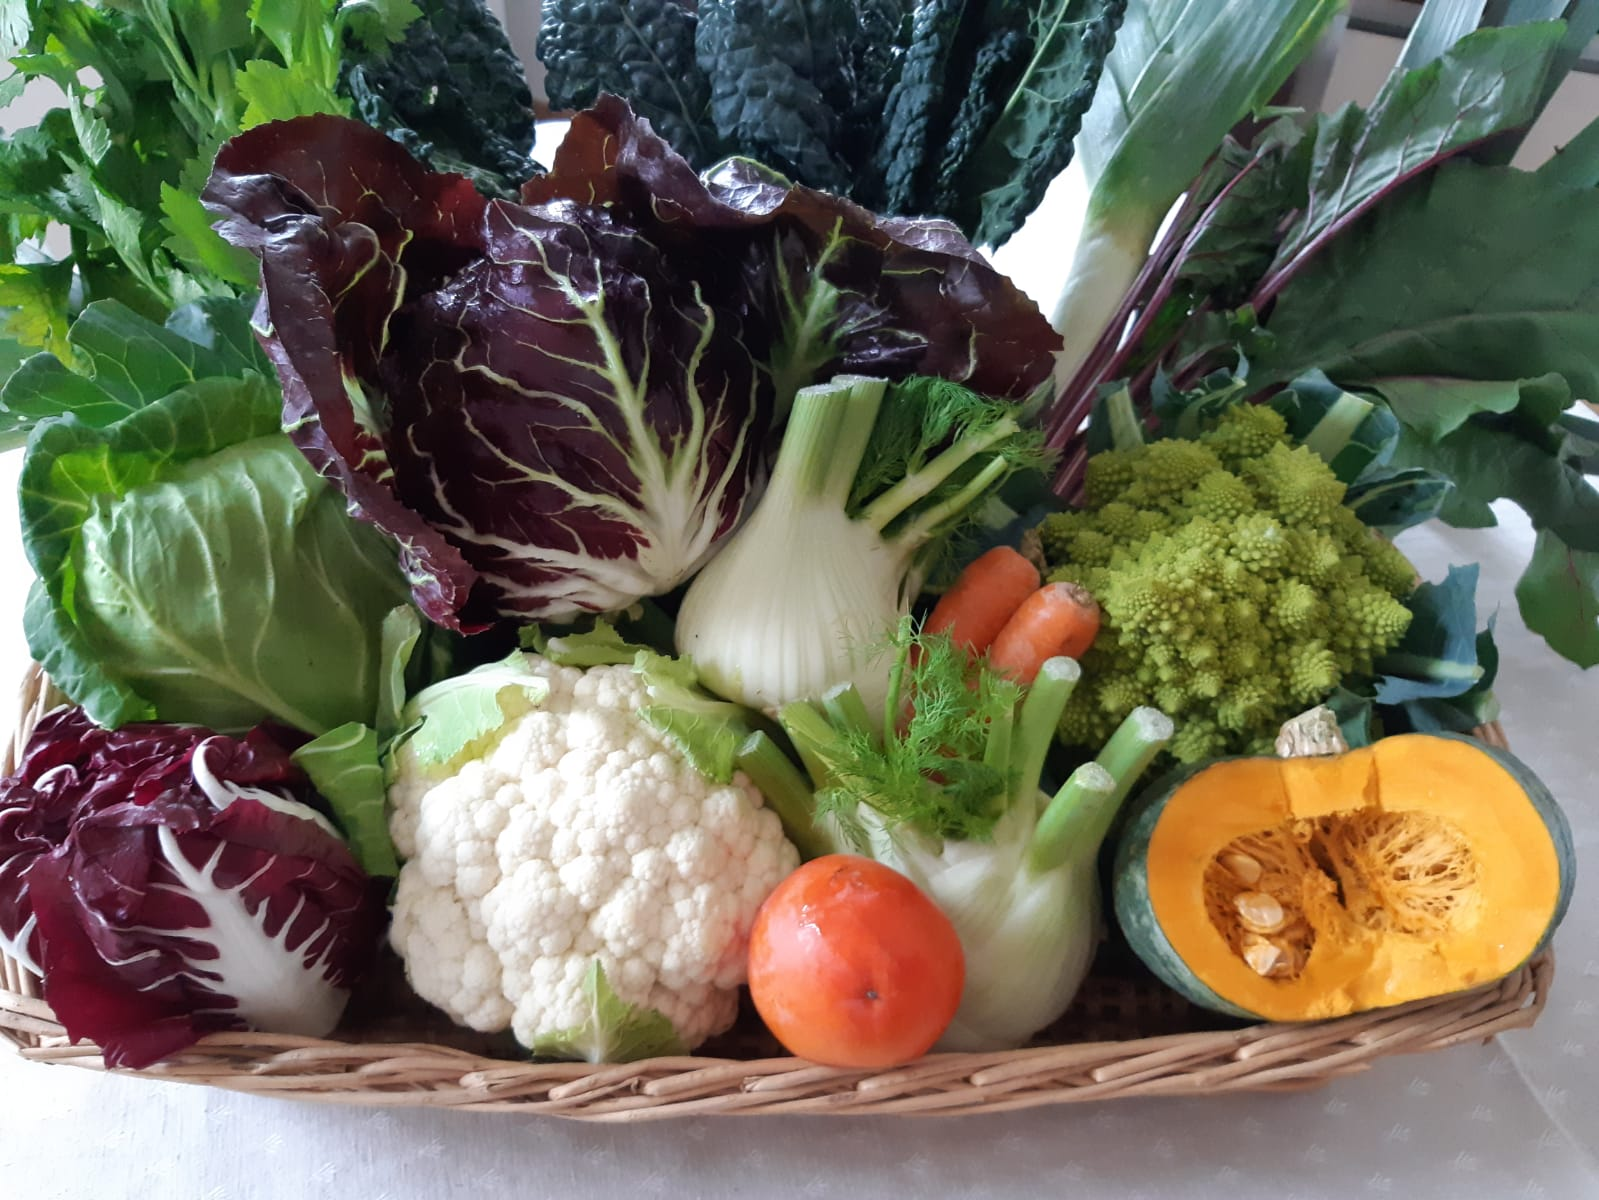 Olio extravergine di oliva e salute l importanza delle verdure invernali dei legumi e dei - Corsi di cucina verona ...